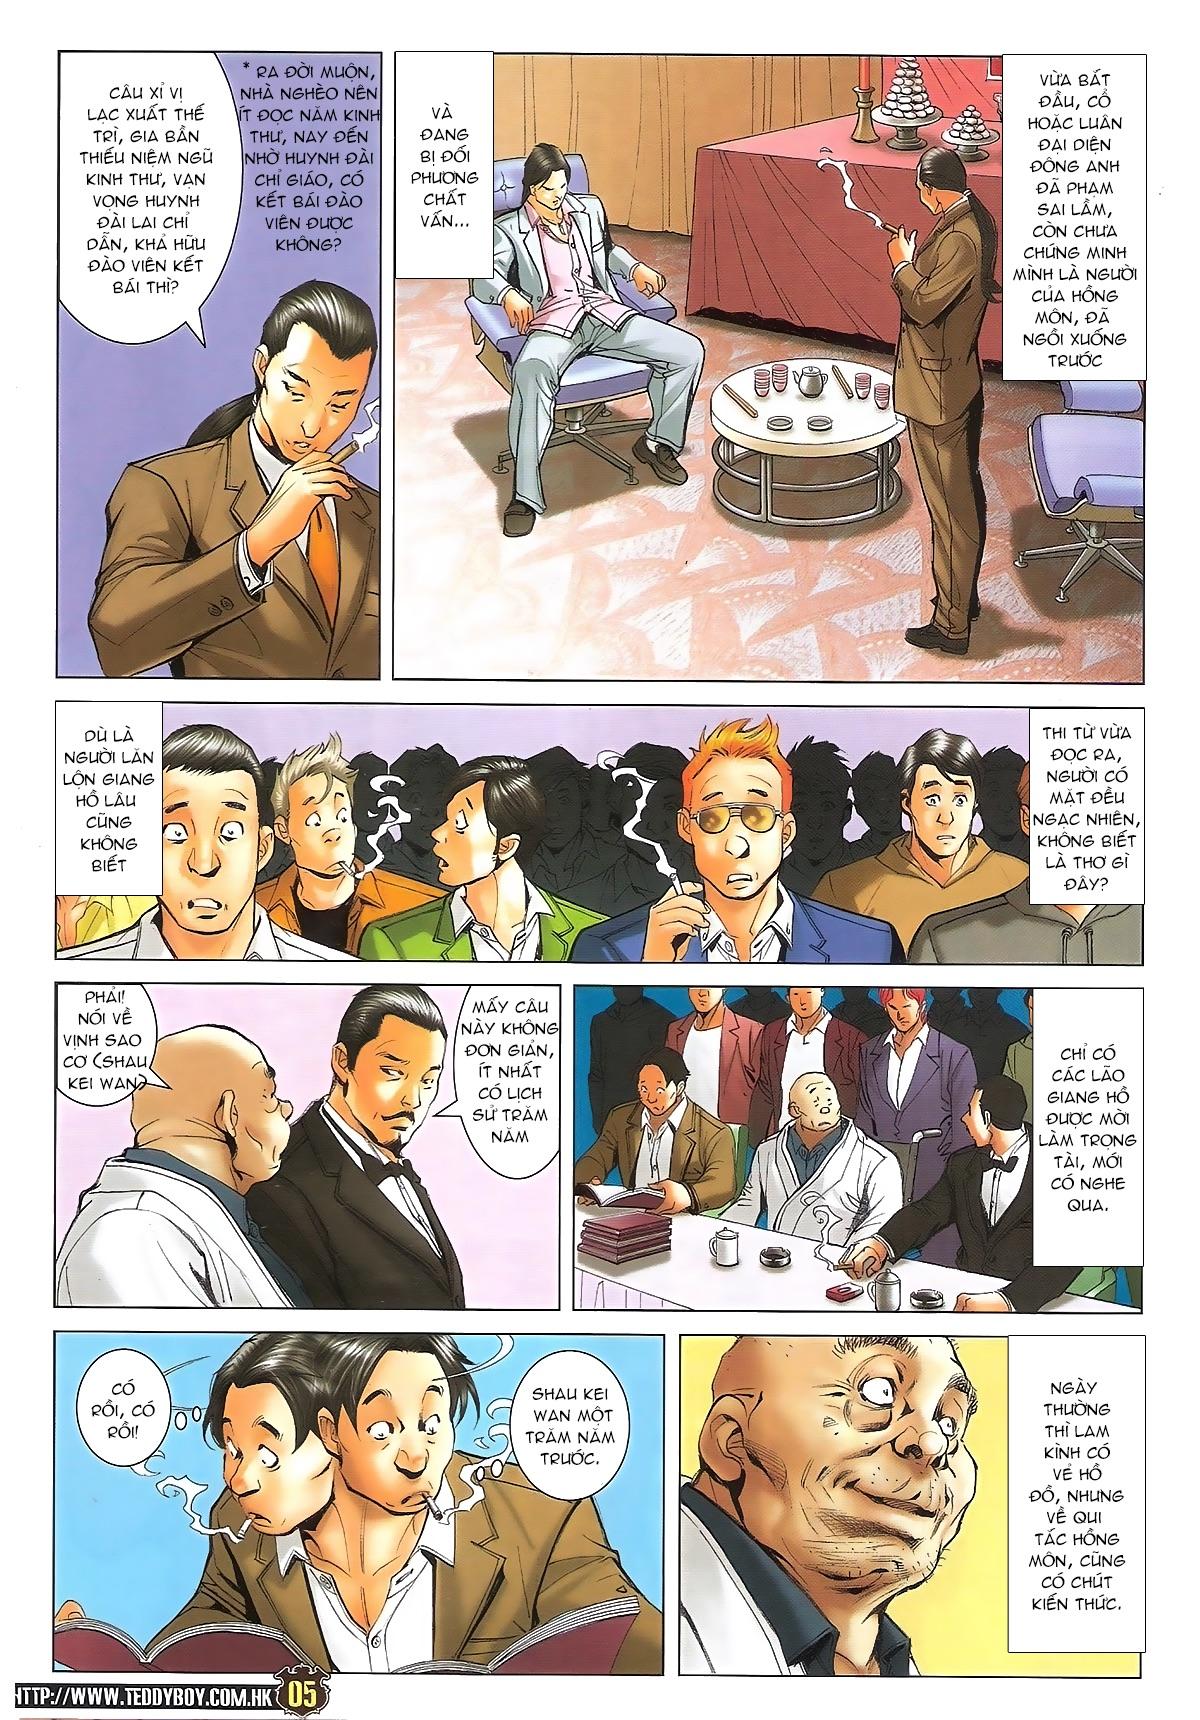 Người Trong Giang Hồ - Ngũ Hổ qui thiên - Chapter 1716: Đàm phán siêu cấp 2 - Pic 3